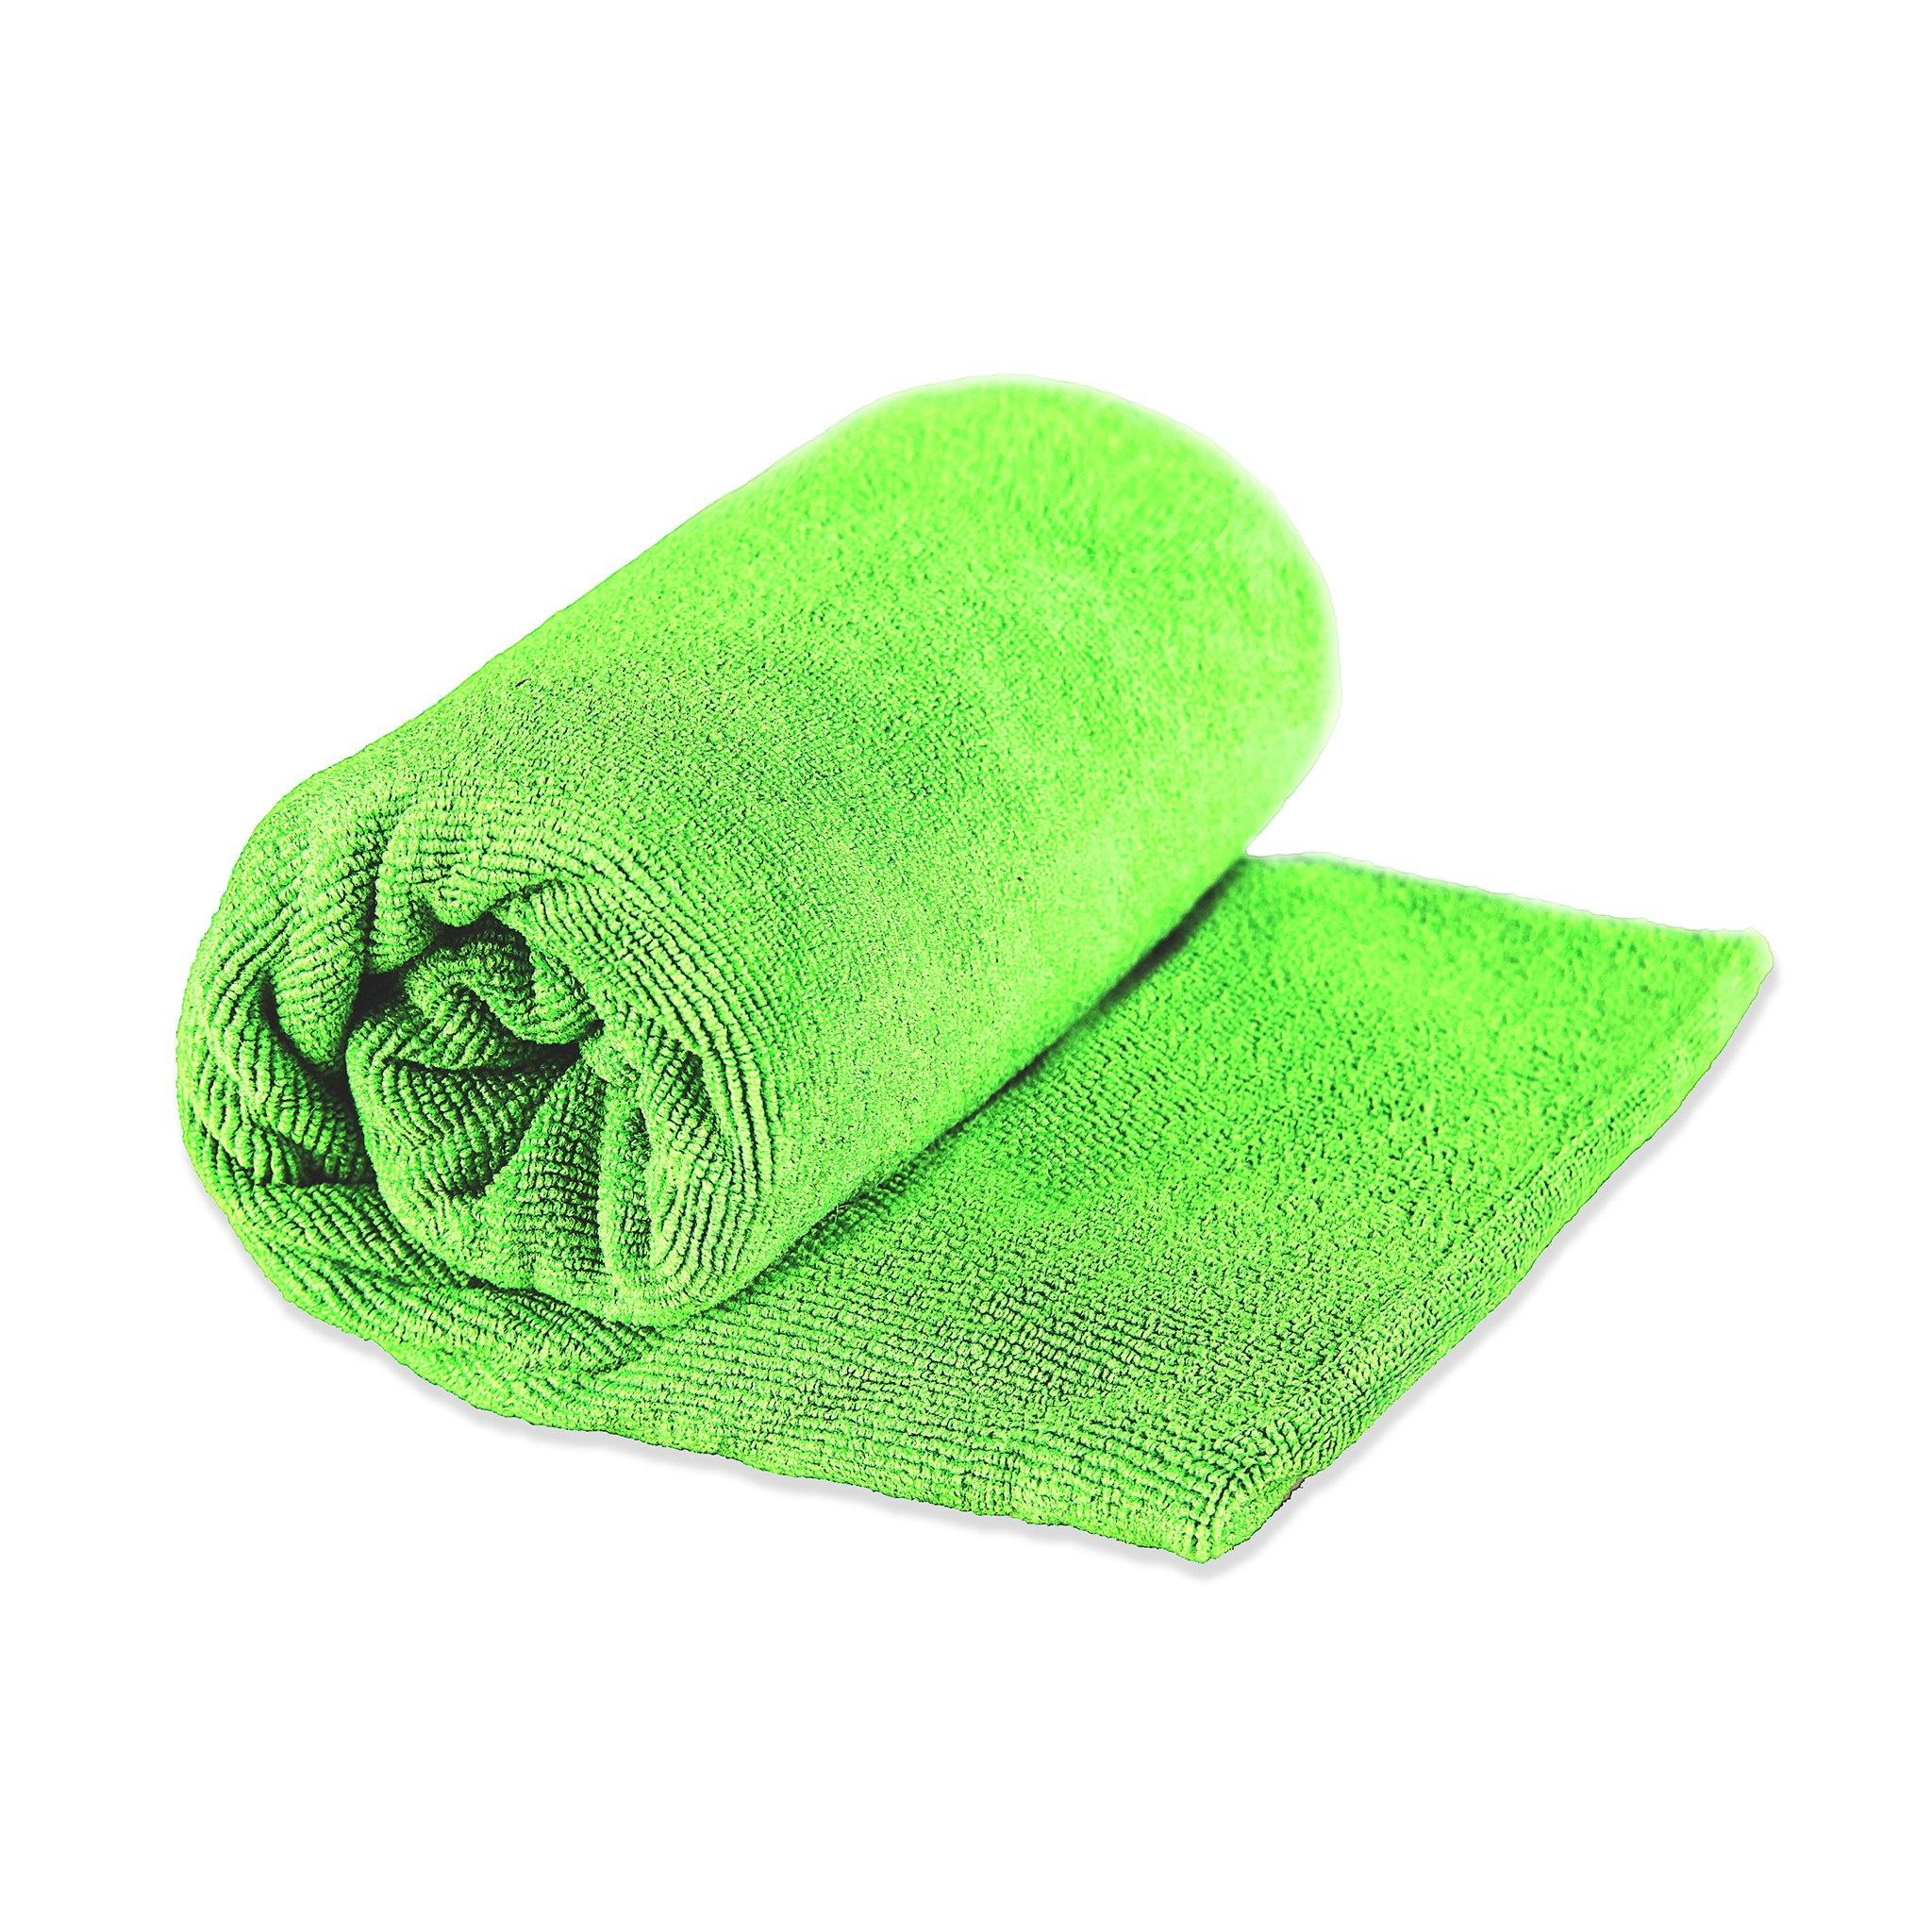 Tek Towel, Small-2